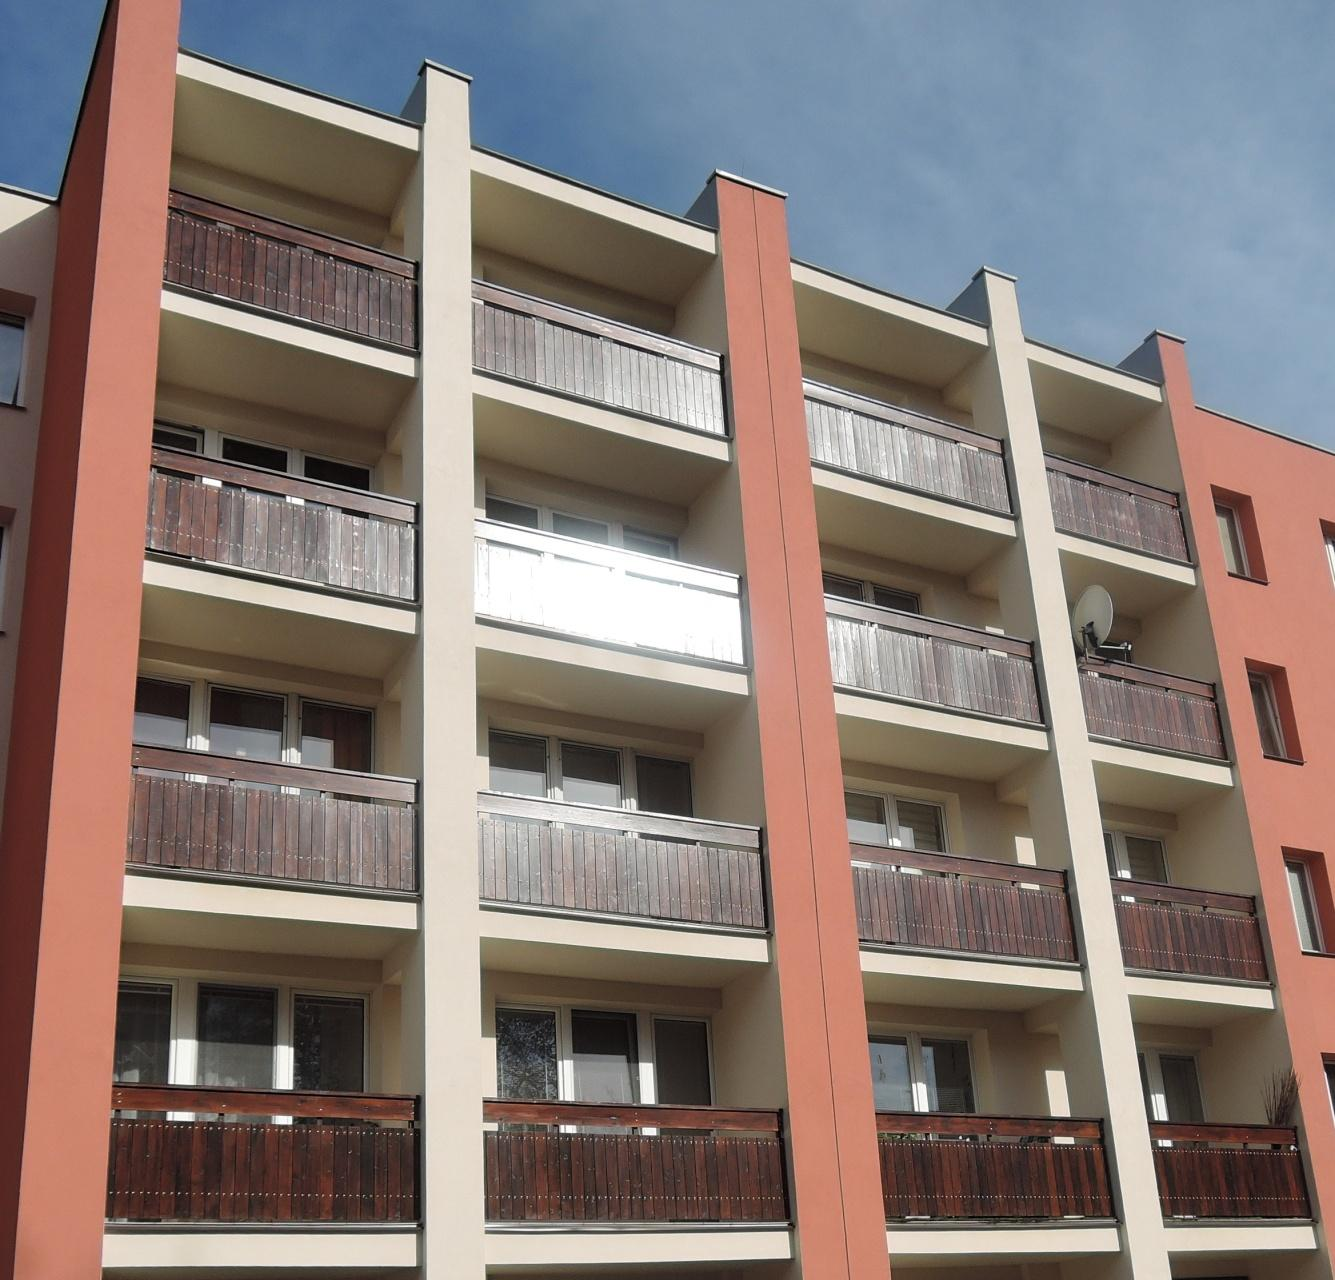 balkony a lodzie